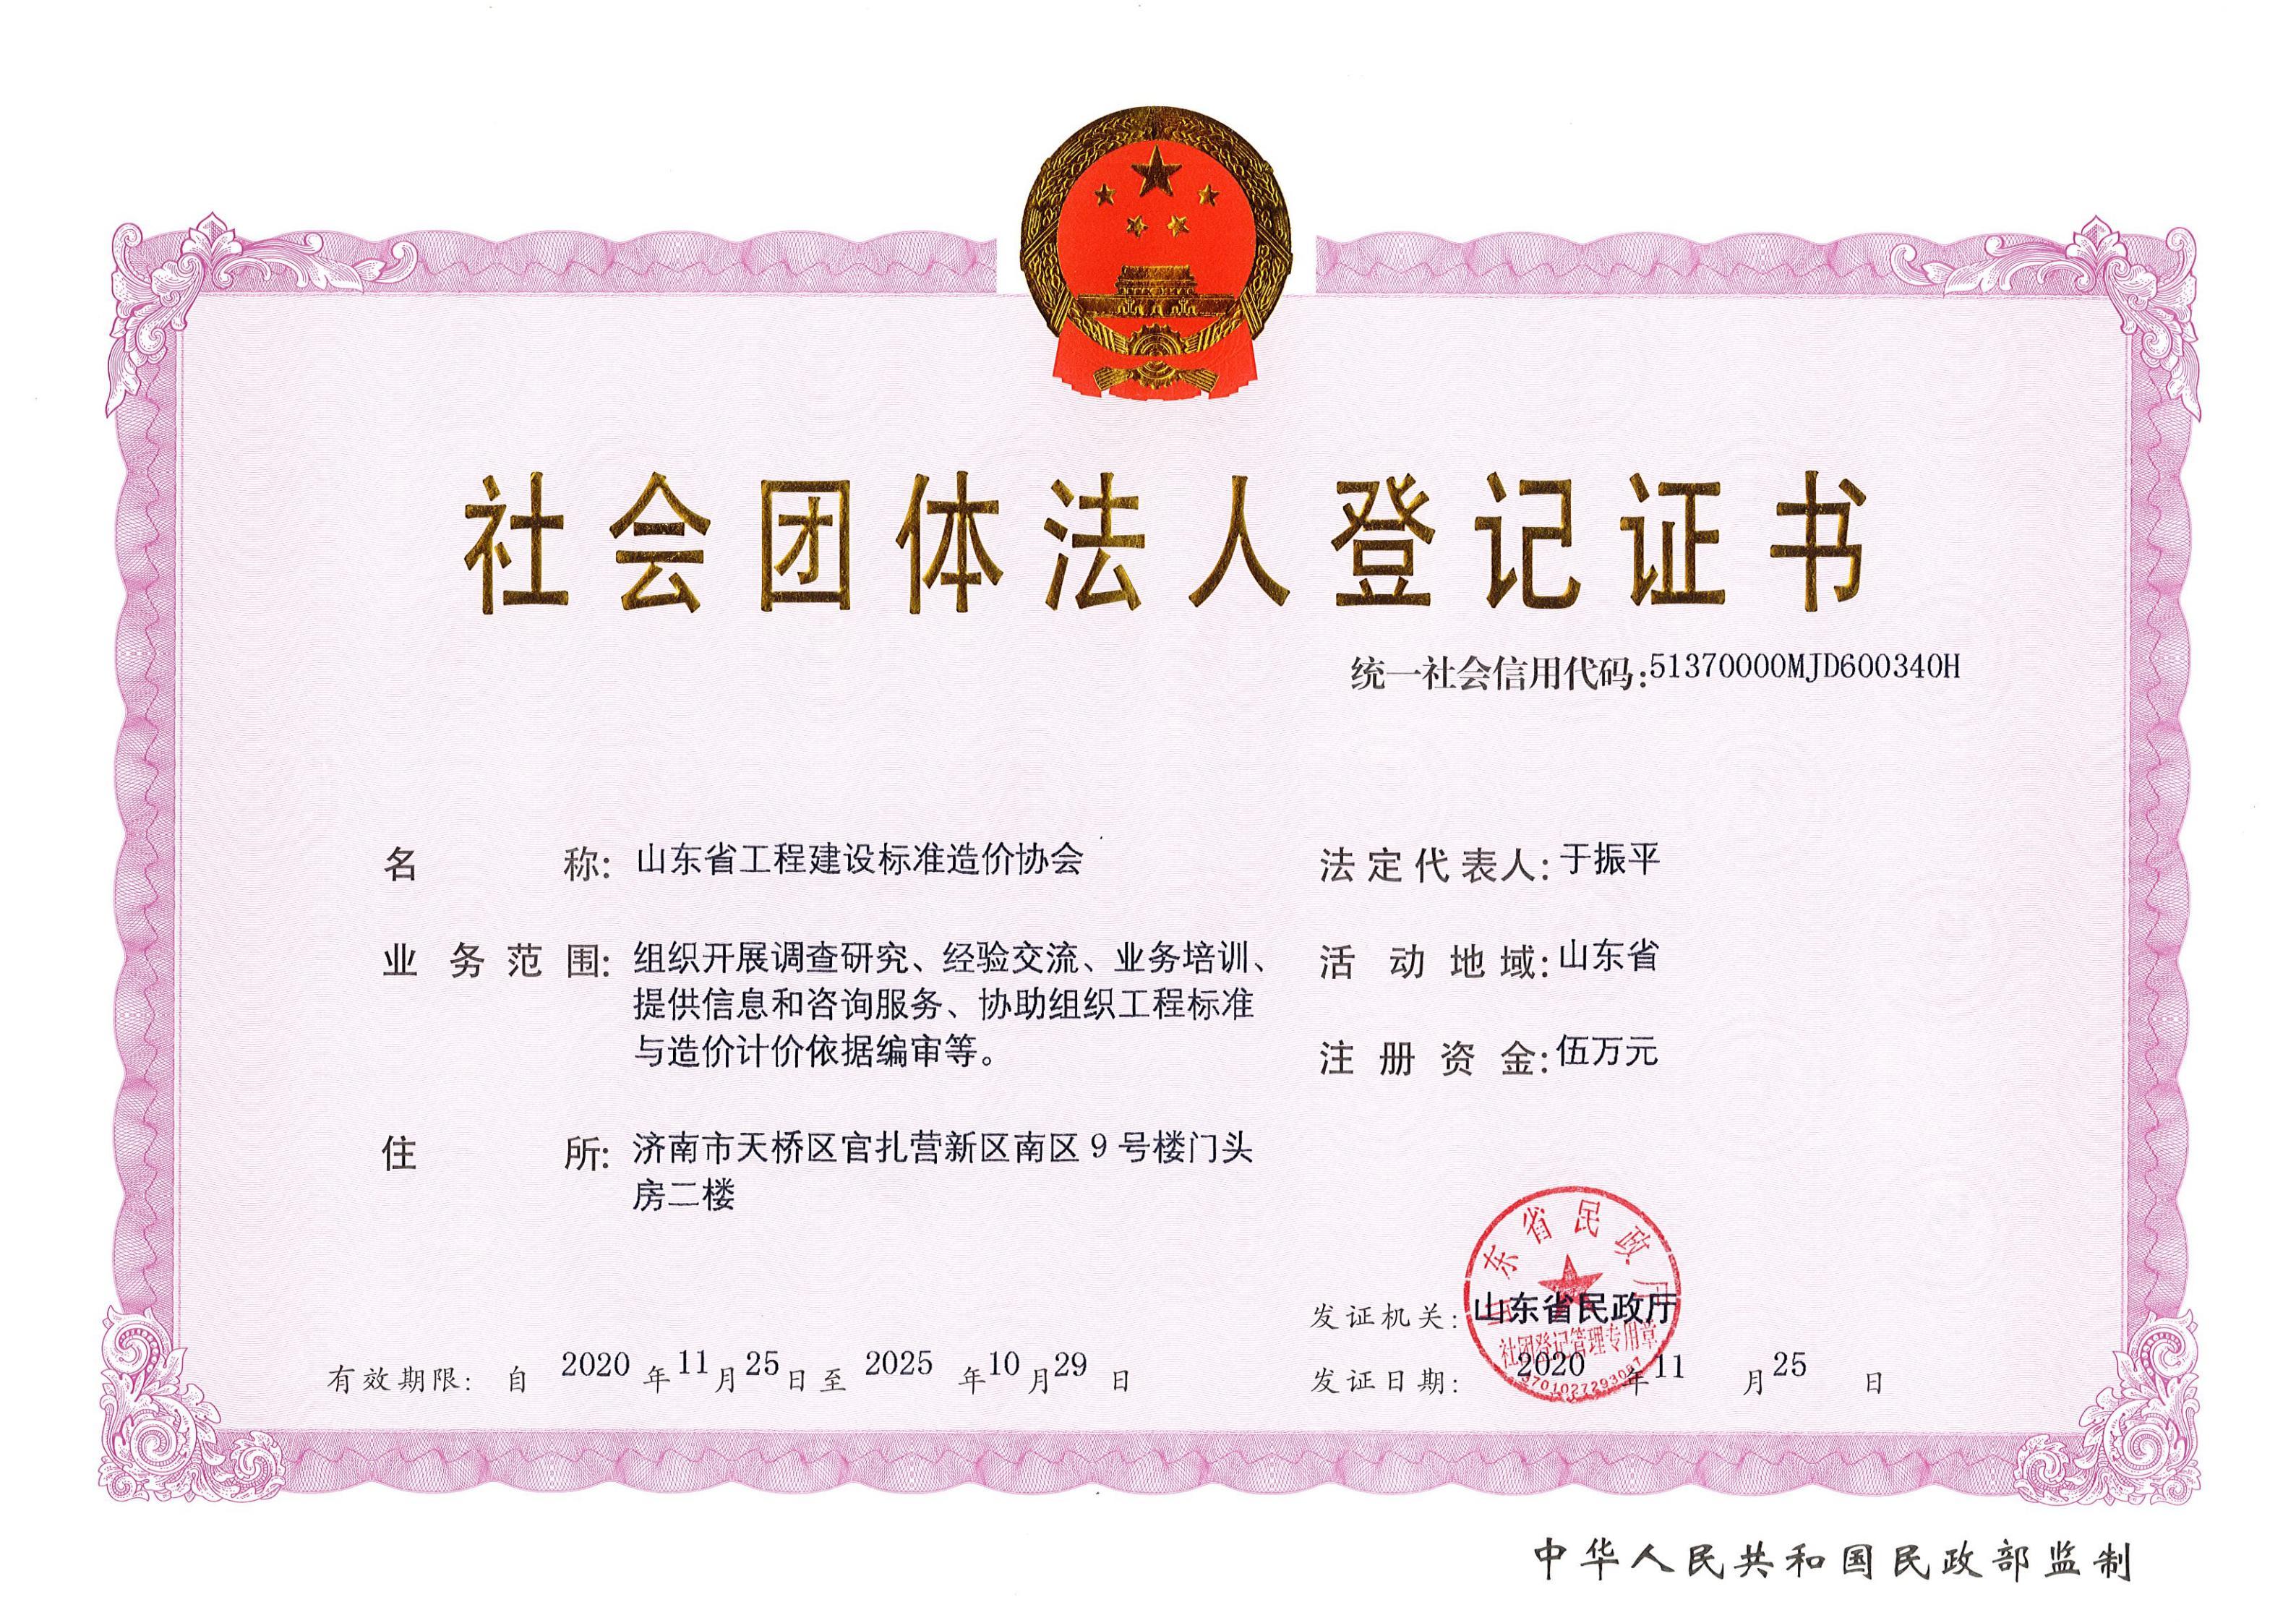 2020.11 社会团体法人登记证书_00.jpg